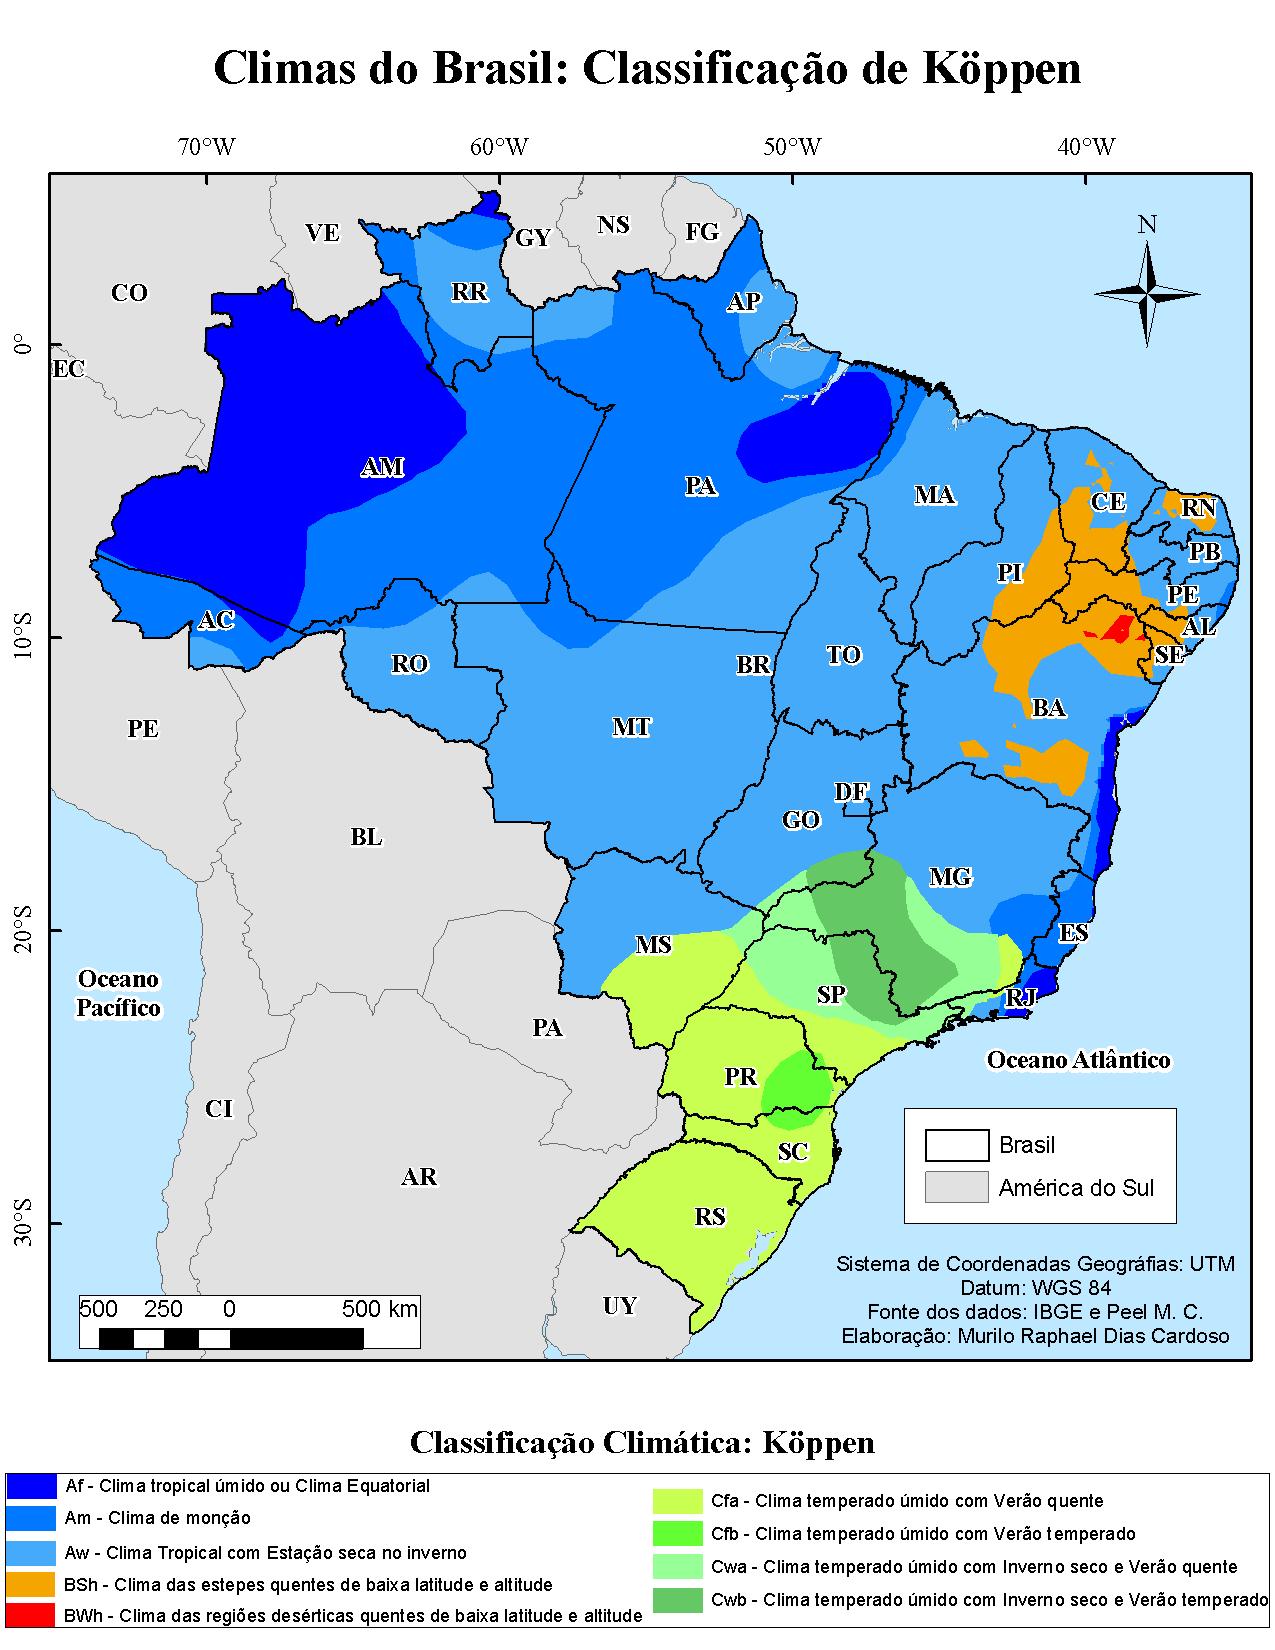 Mapas Da Classificacao Climatica De Koppen Do Mundo E Do Brasil